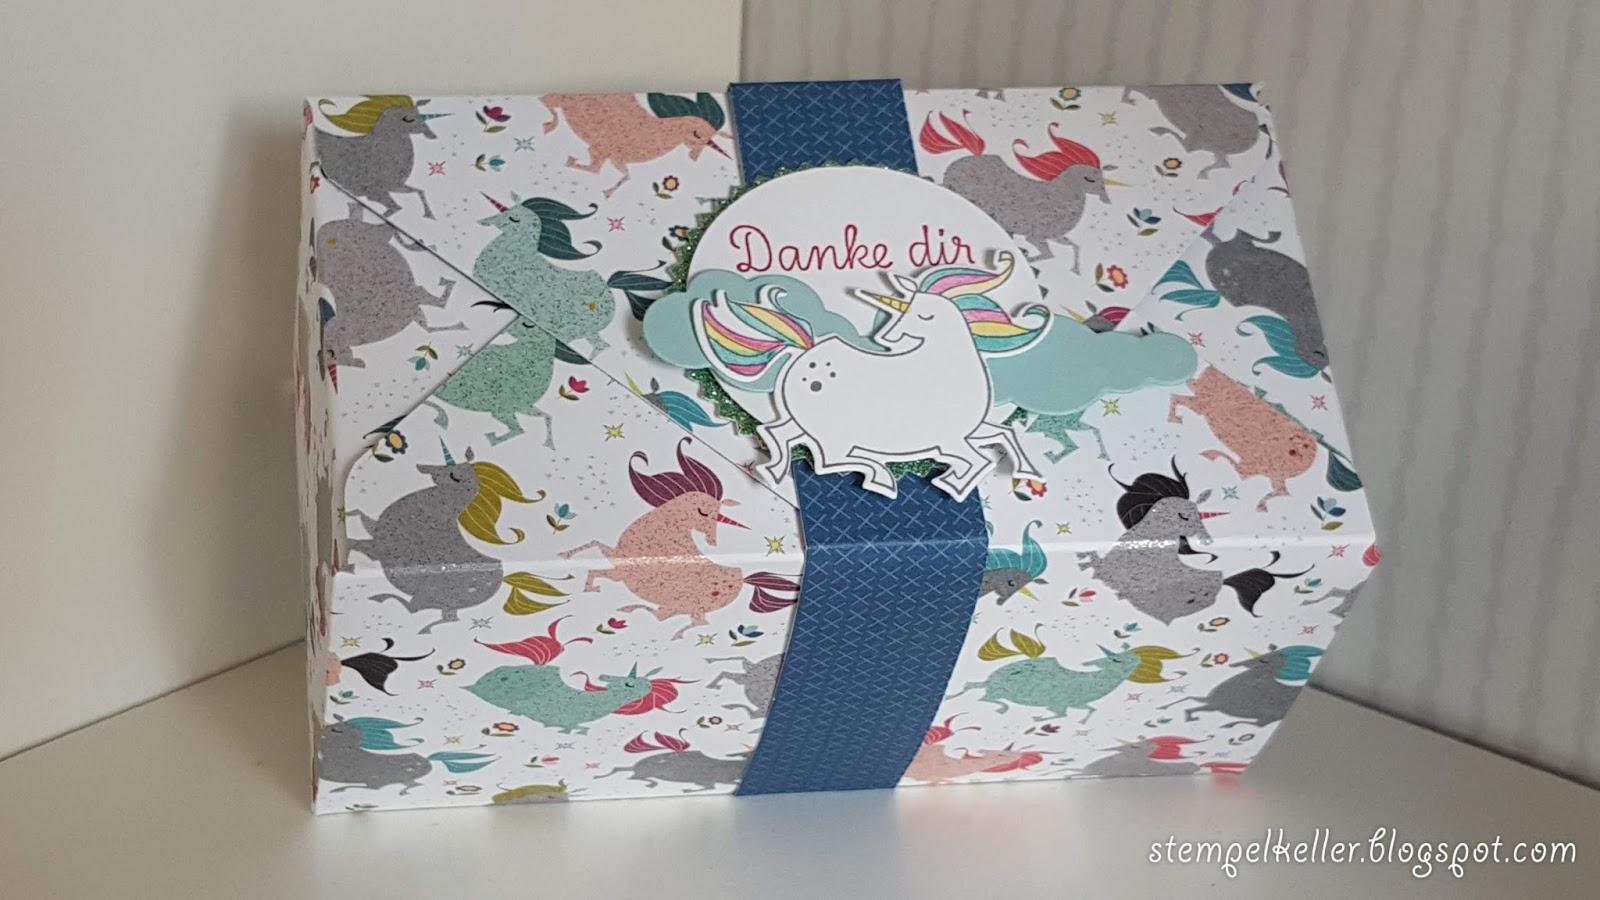 Stempelkeller einhorn geschenkverpackung mit dem envelope punchboard - Einhorn geschenkverpackung ...